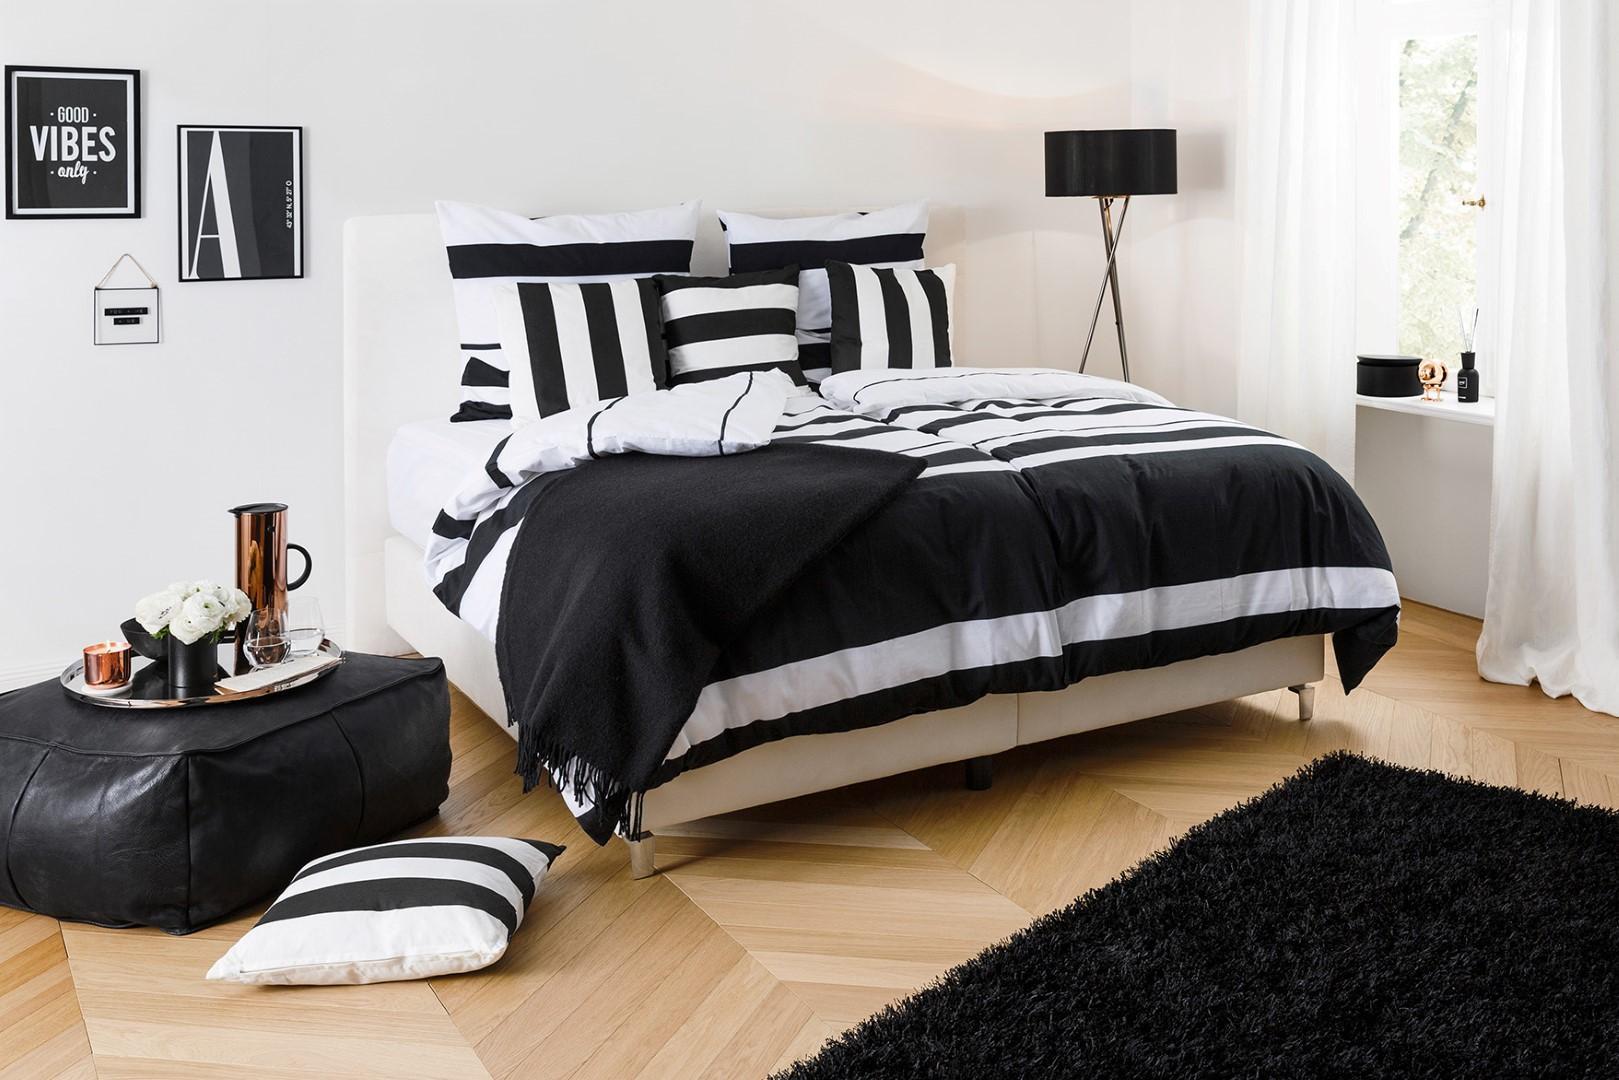 Arredamento: rifai il look alla camera da letto - Tgcom24